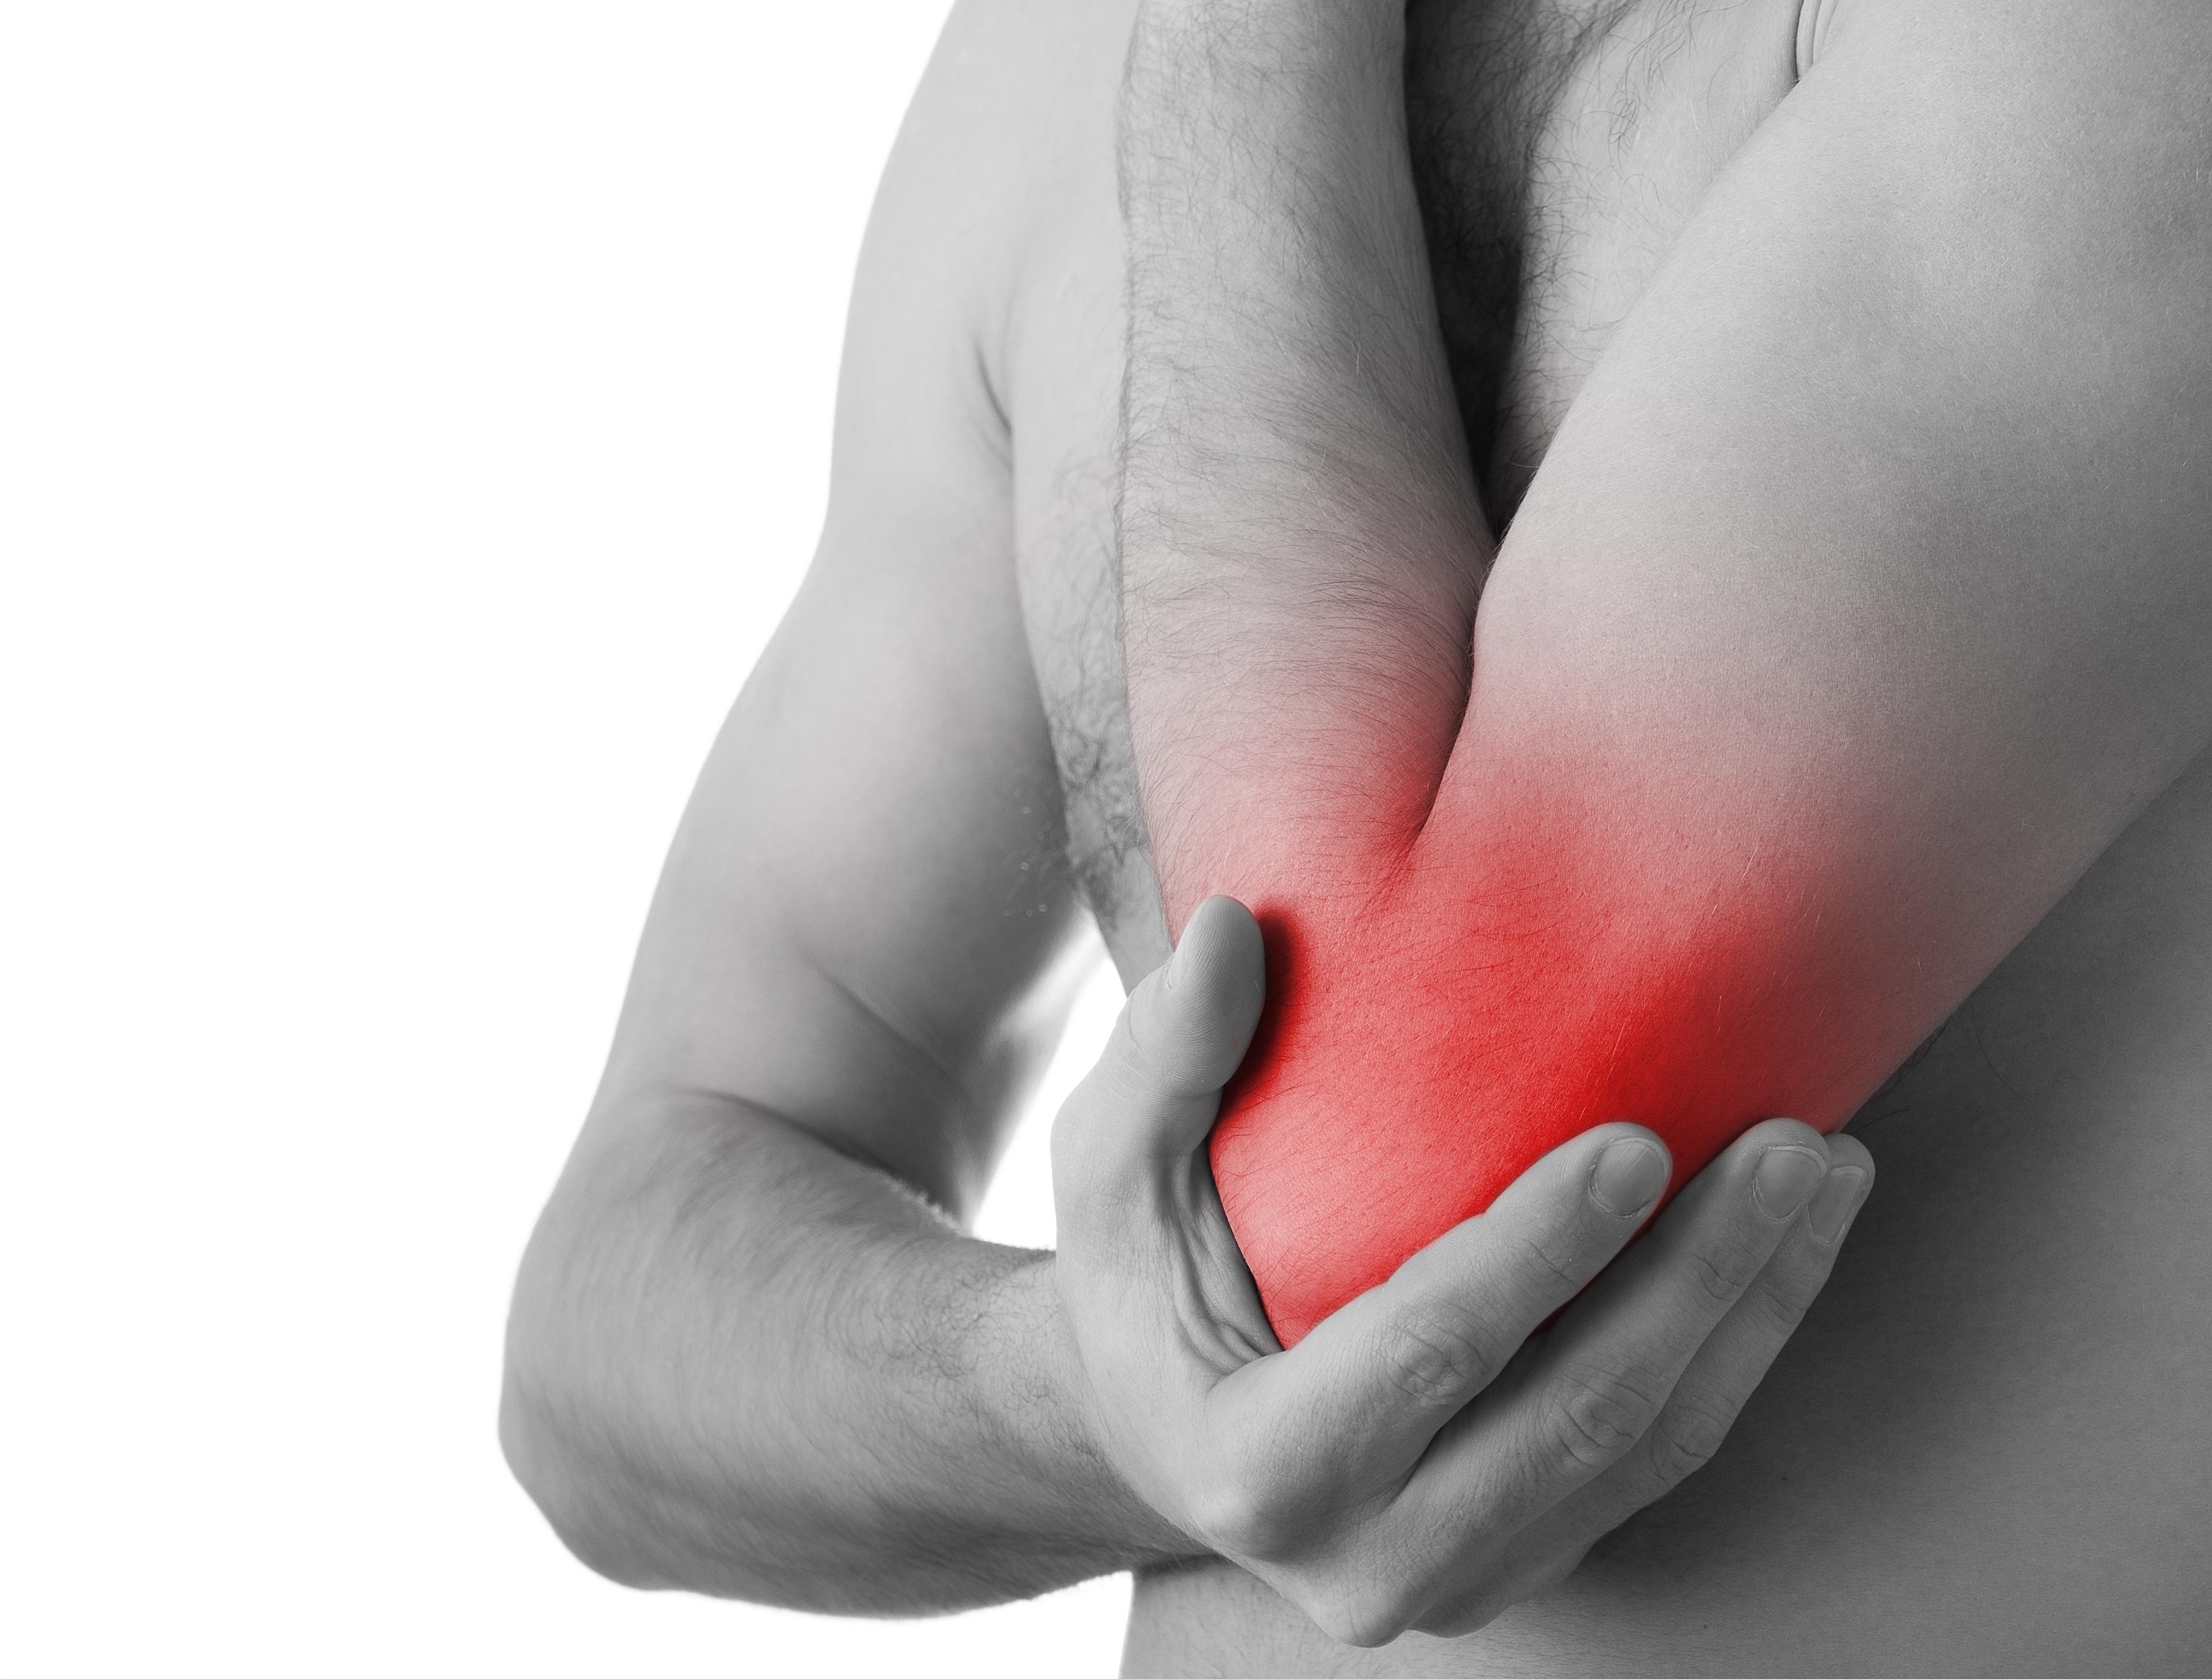 biszofit ízületi fájdalmak esetén